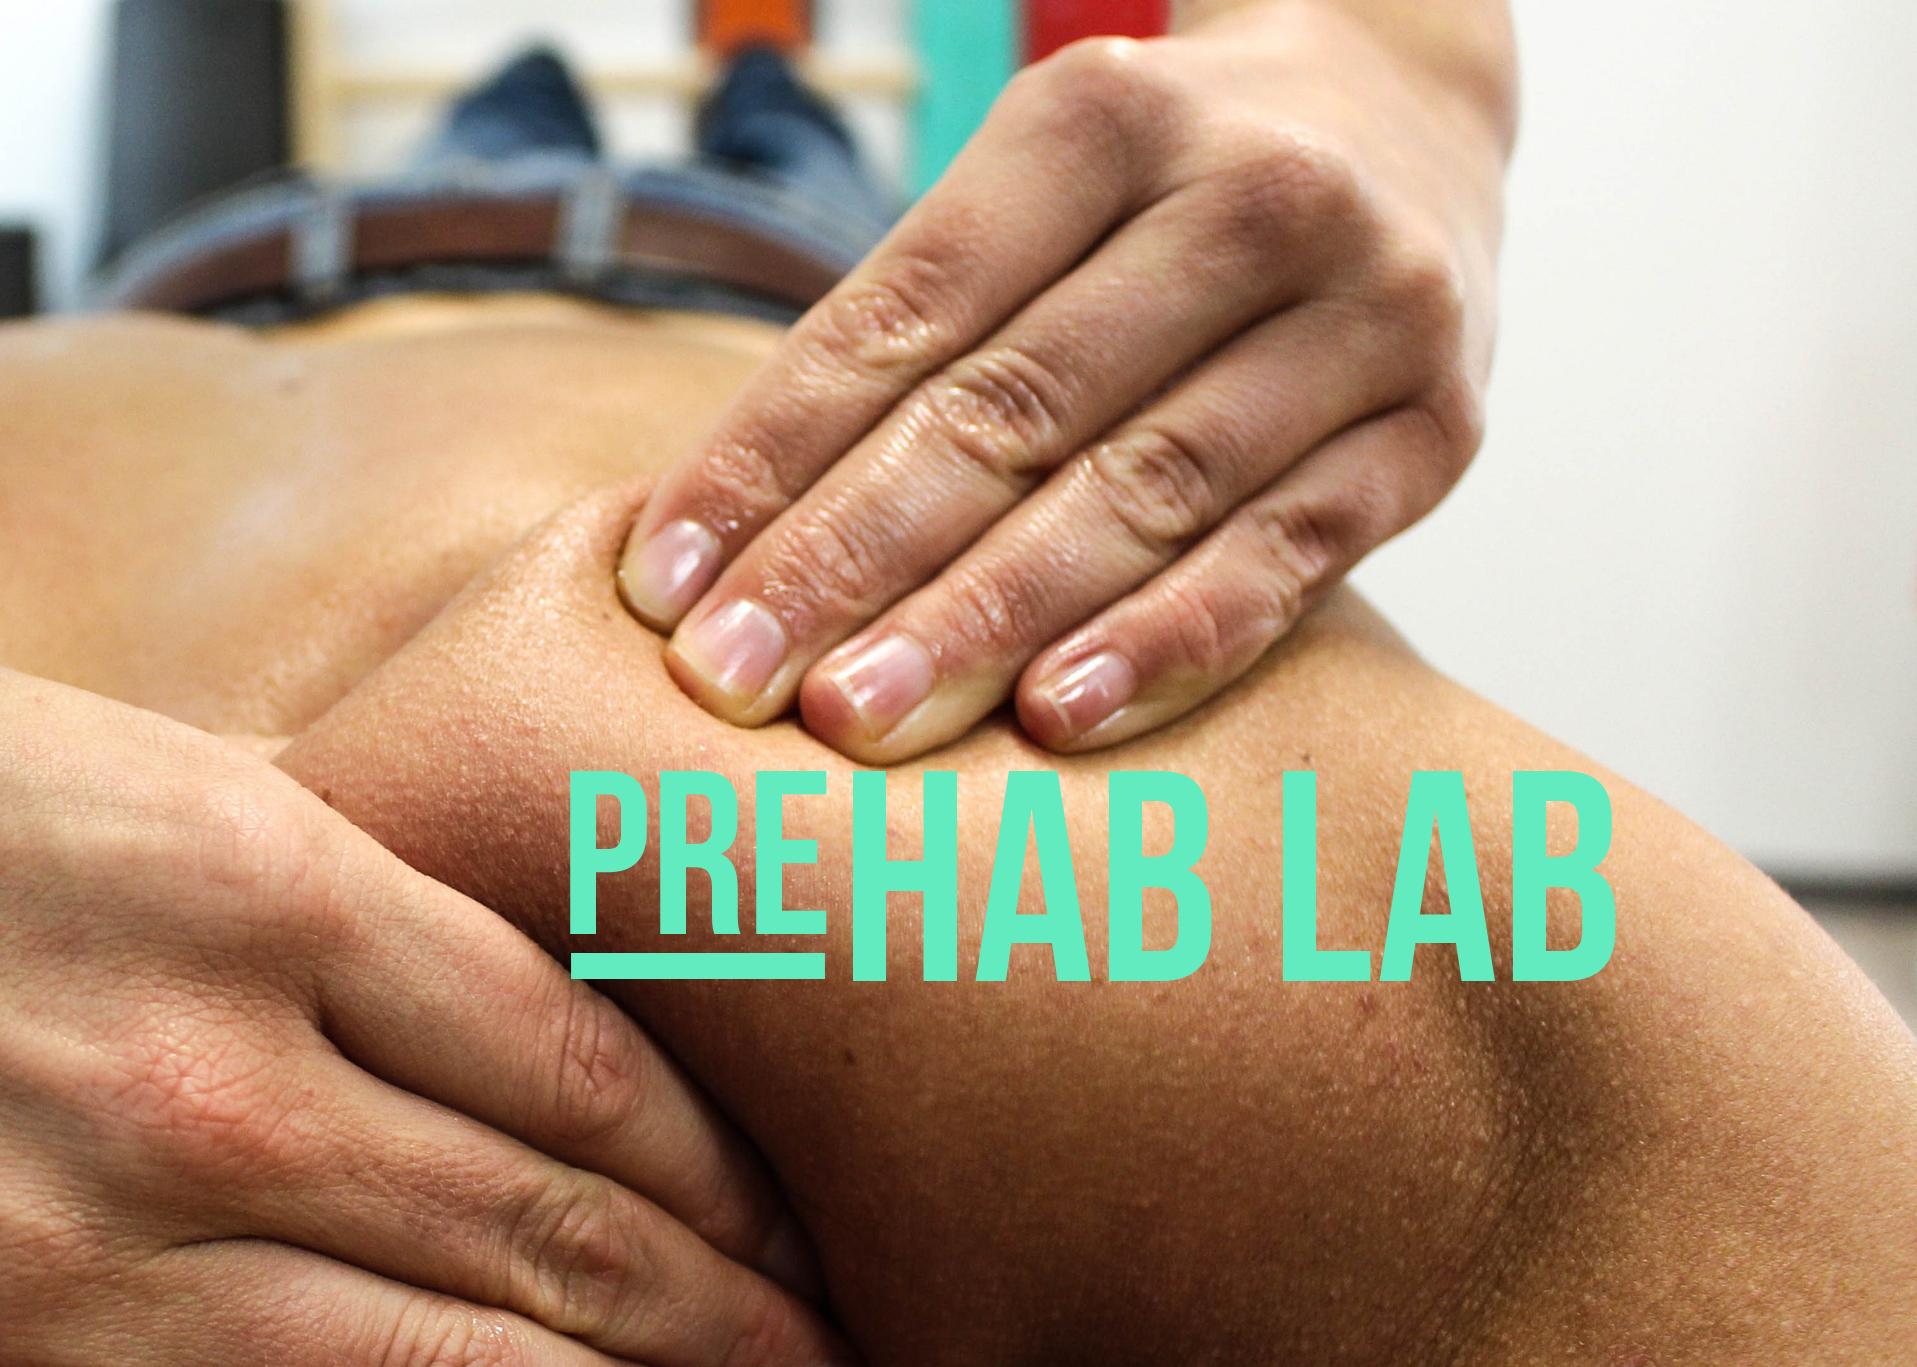 The PreHab-Lab.ie